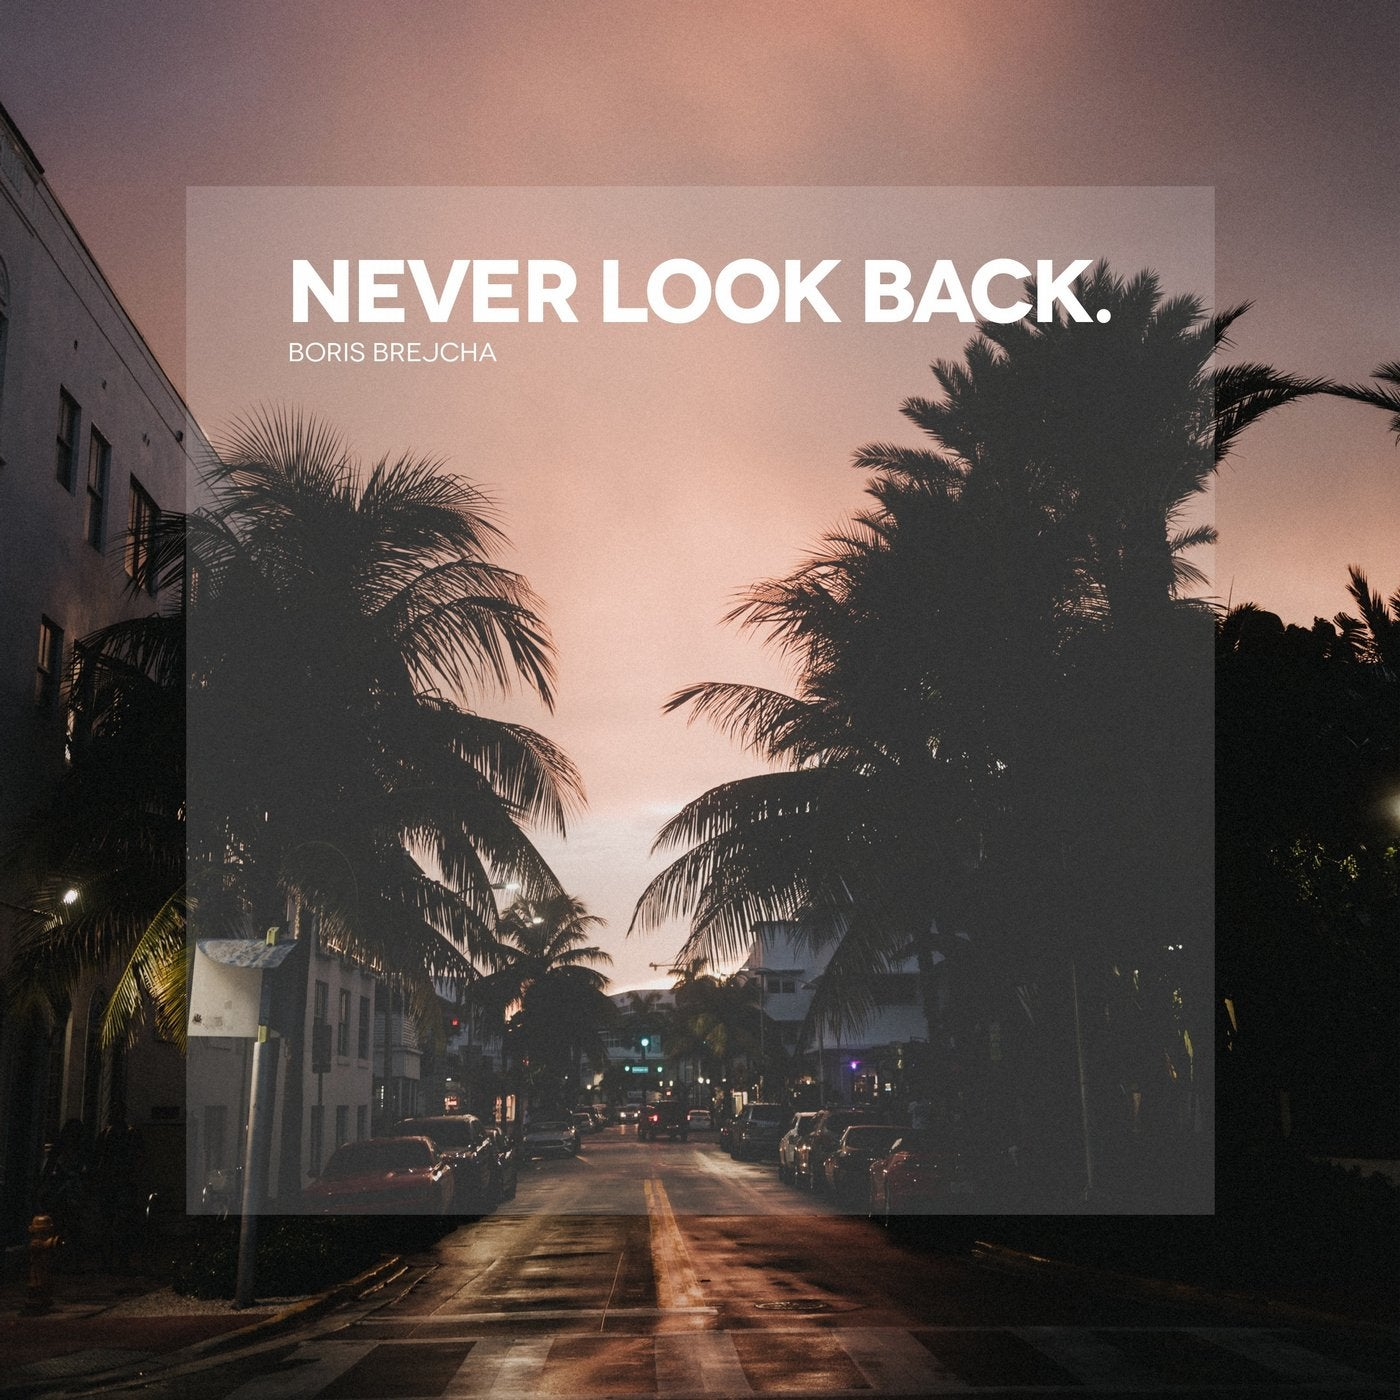 Never Look Back (Original Mix)